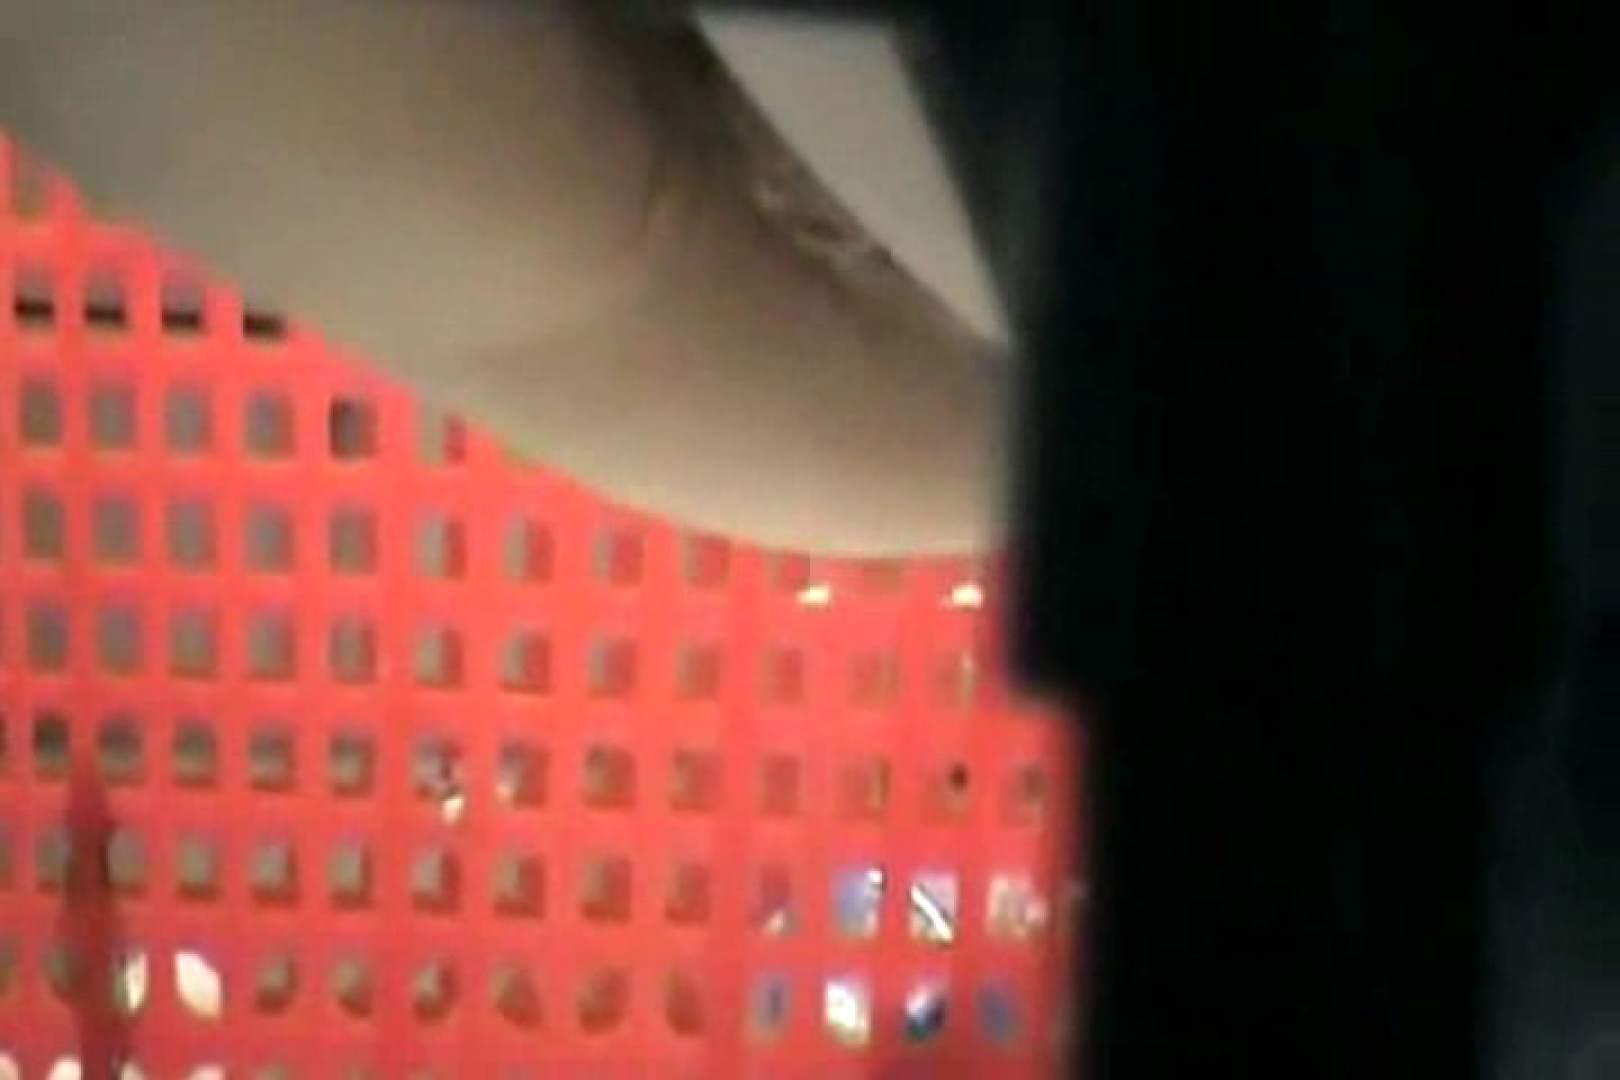 ぼっとん洗面所スペシャルVol.1 おまんこ エロ画像 108画像 65